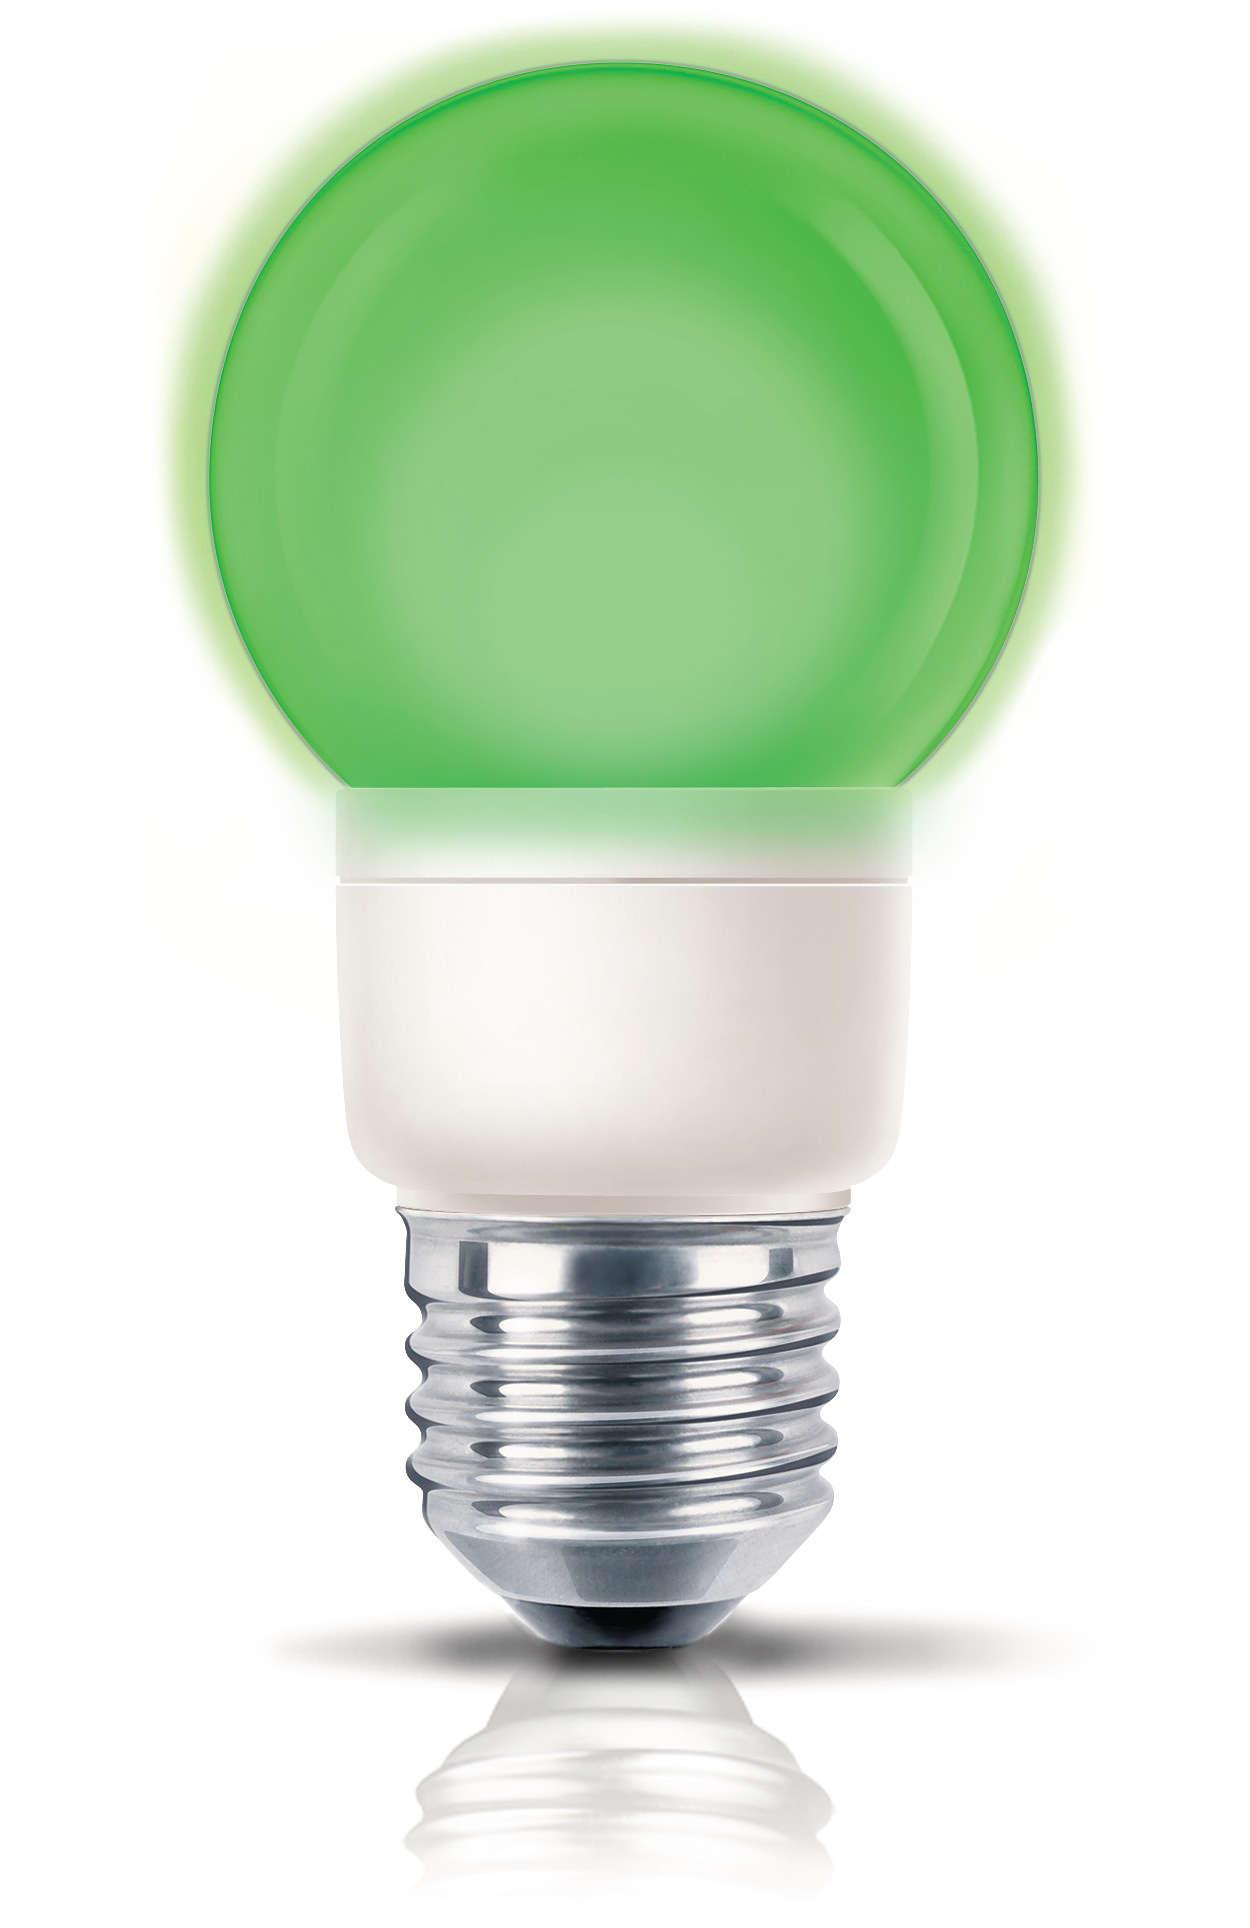 Leikkisä värillinen valo